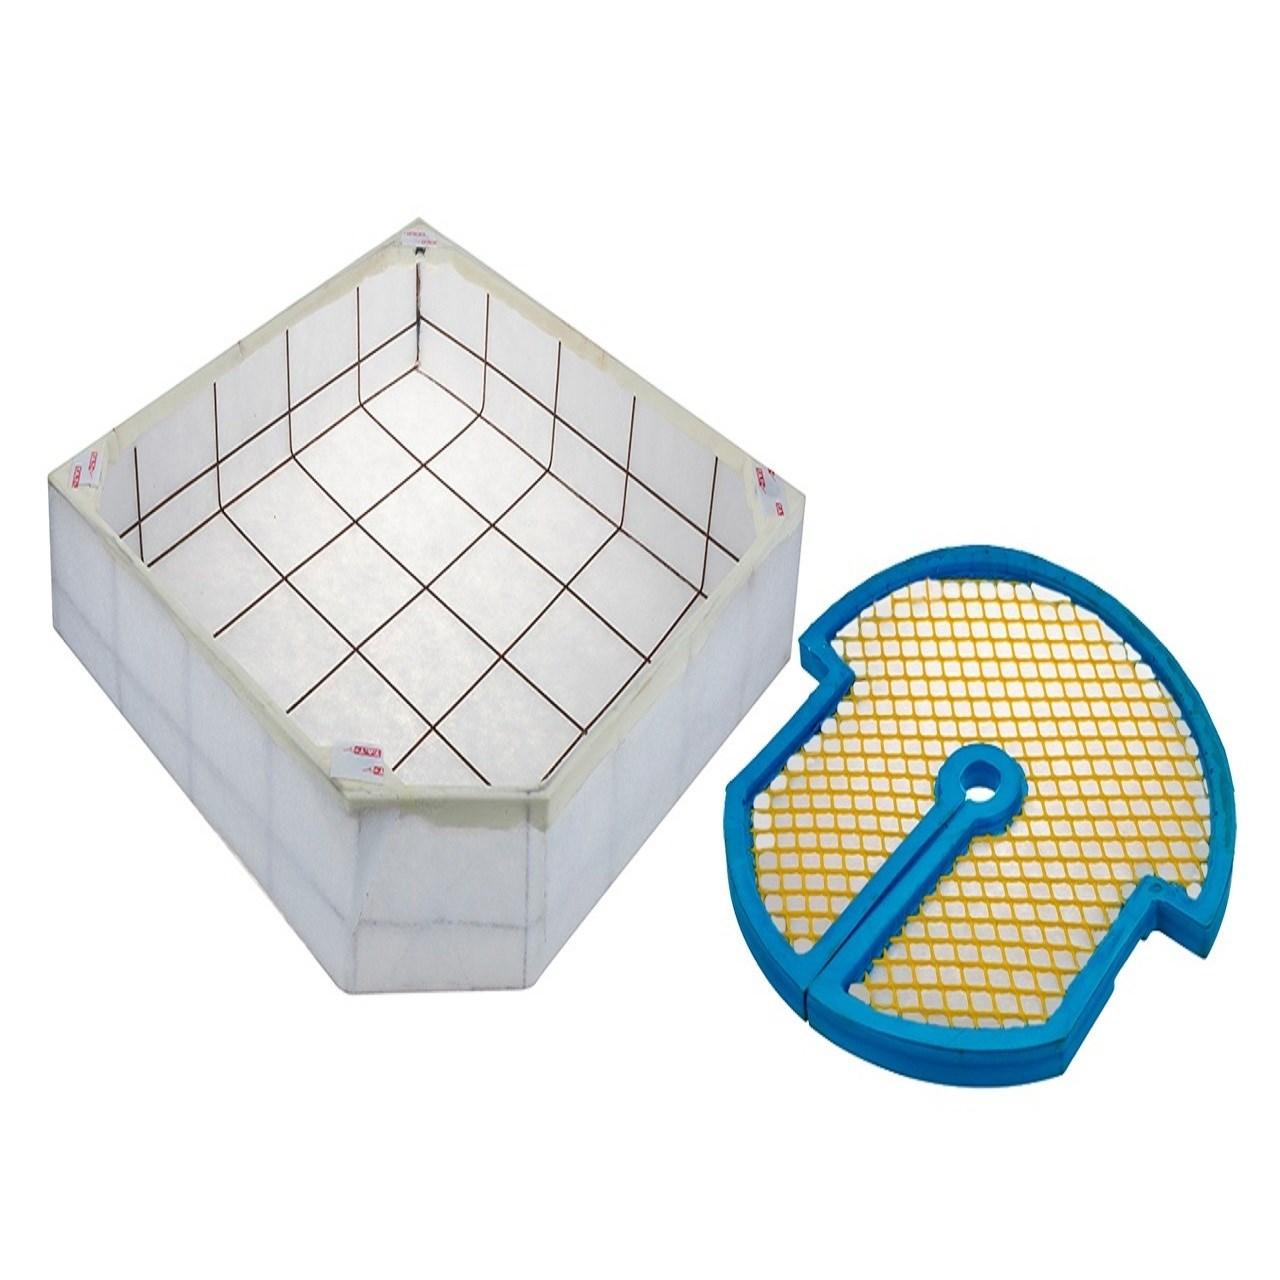 فیلتر نانو تصفیه هوای کولر آبی  کولپاک مدل  N7000